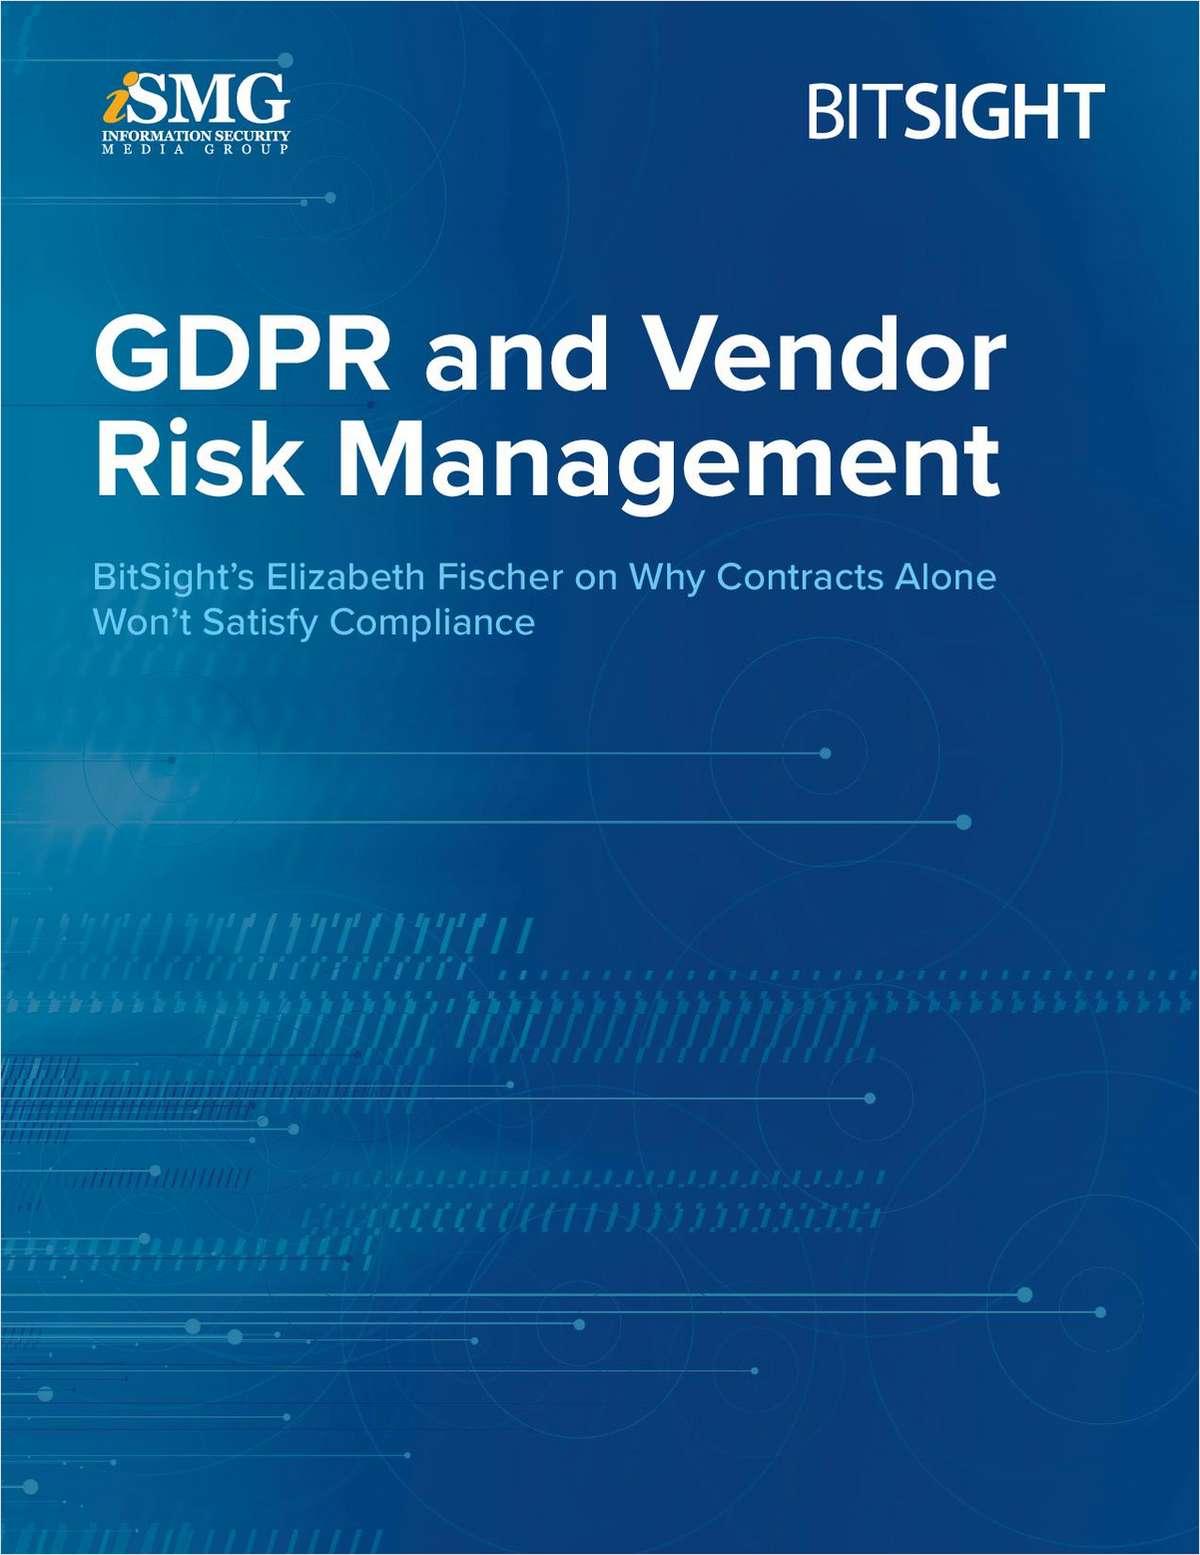 GDPR and Vendor Risk Management